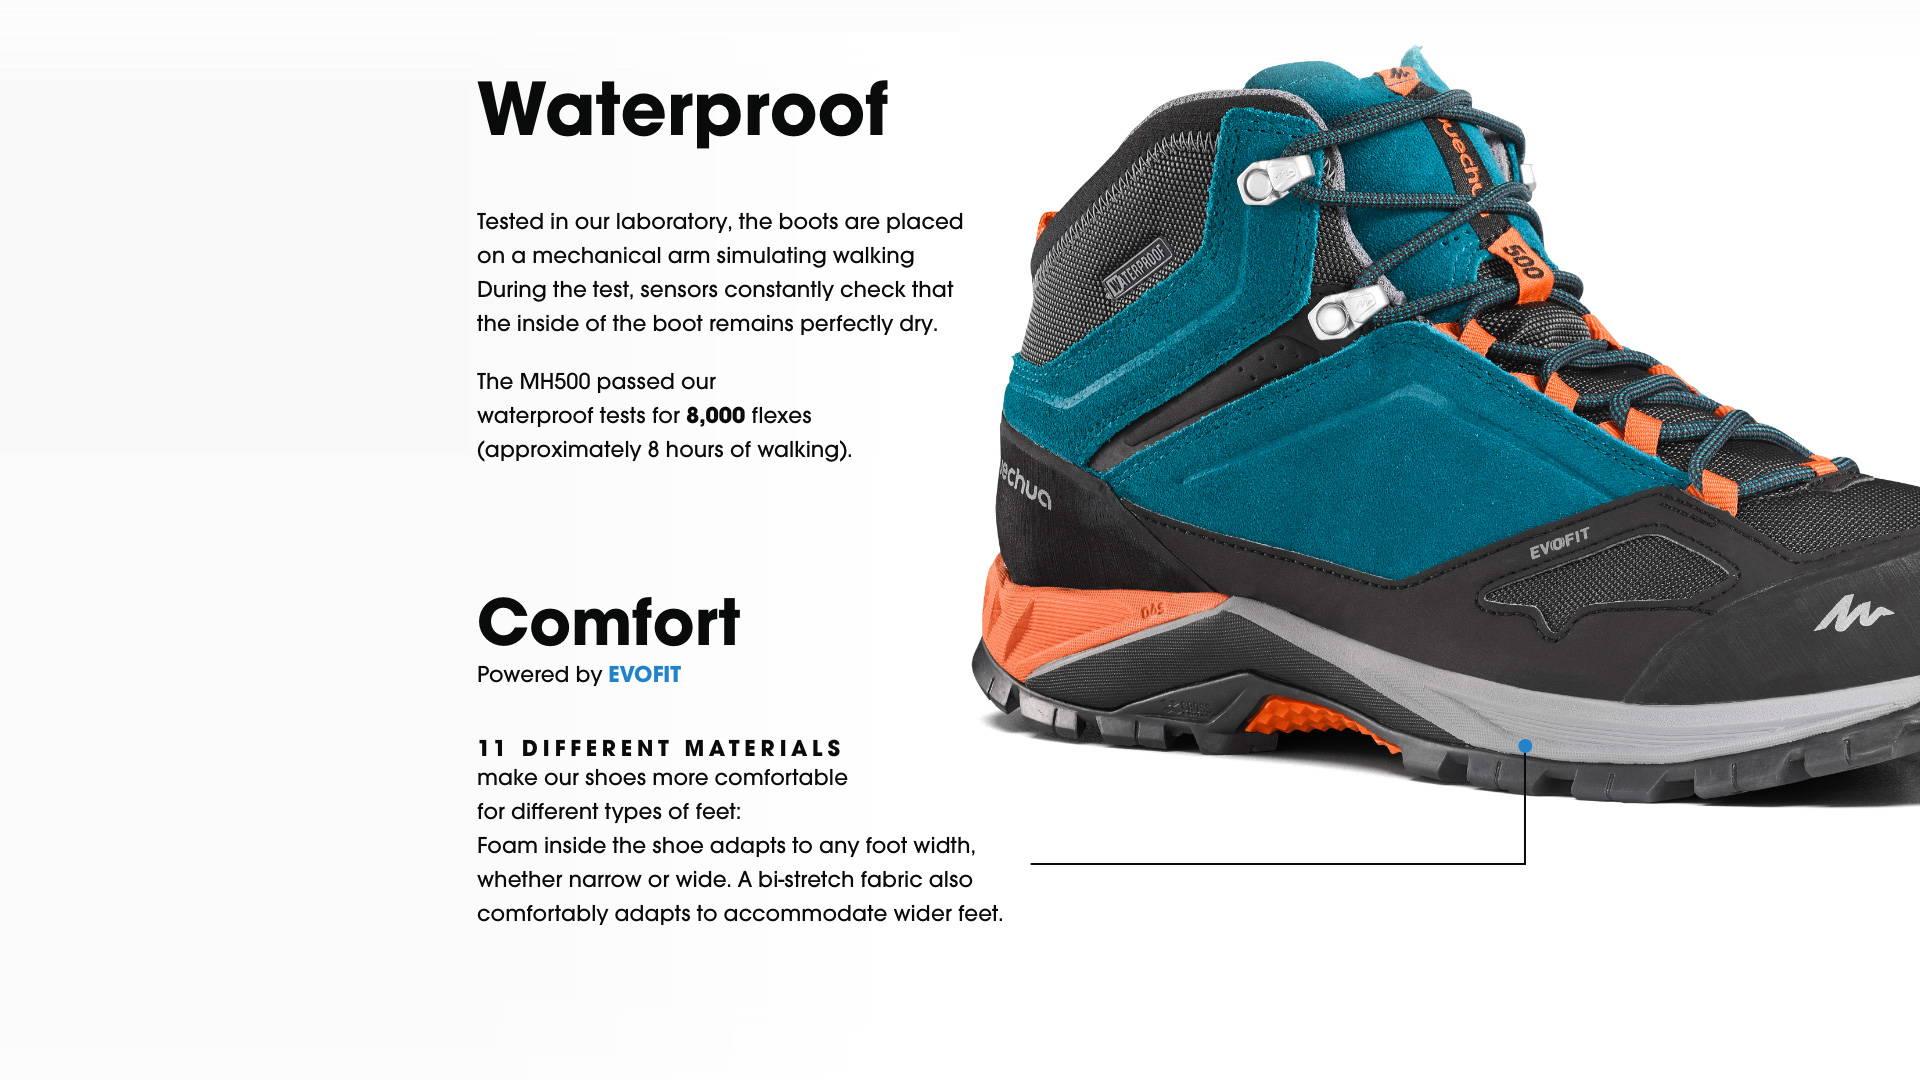 Waterproof & Comfort